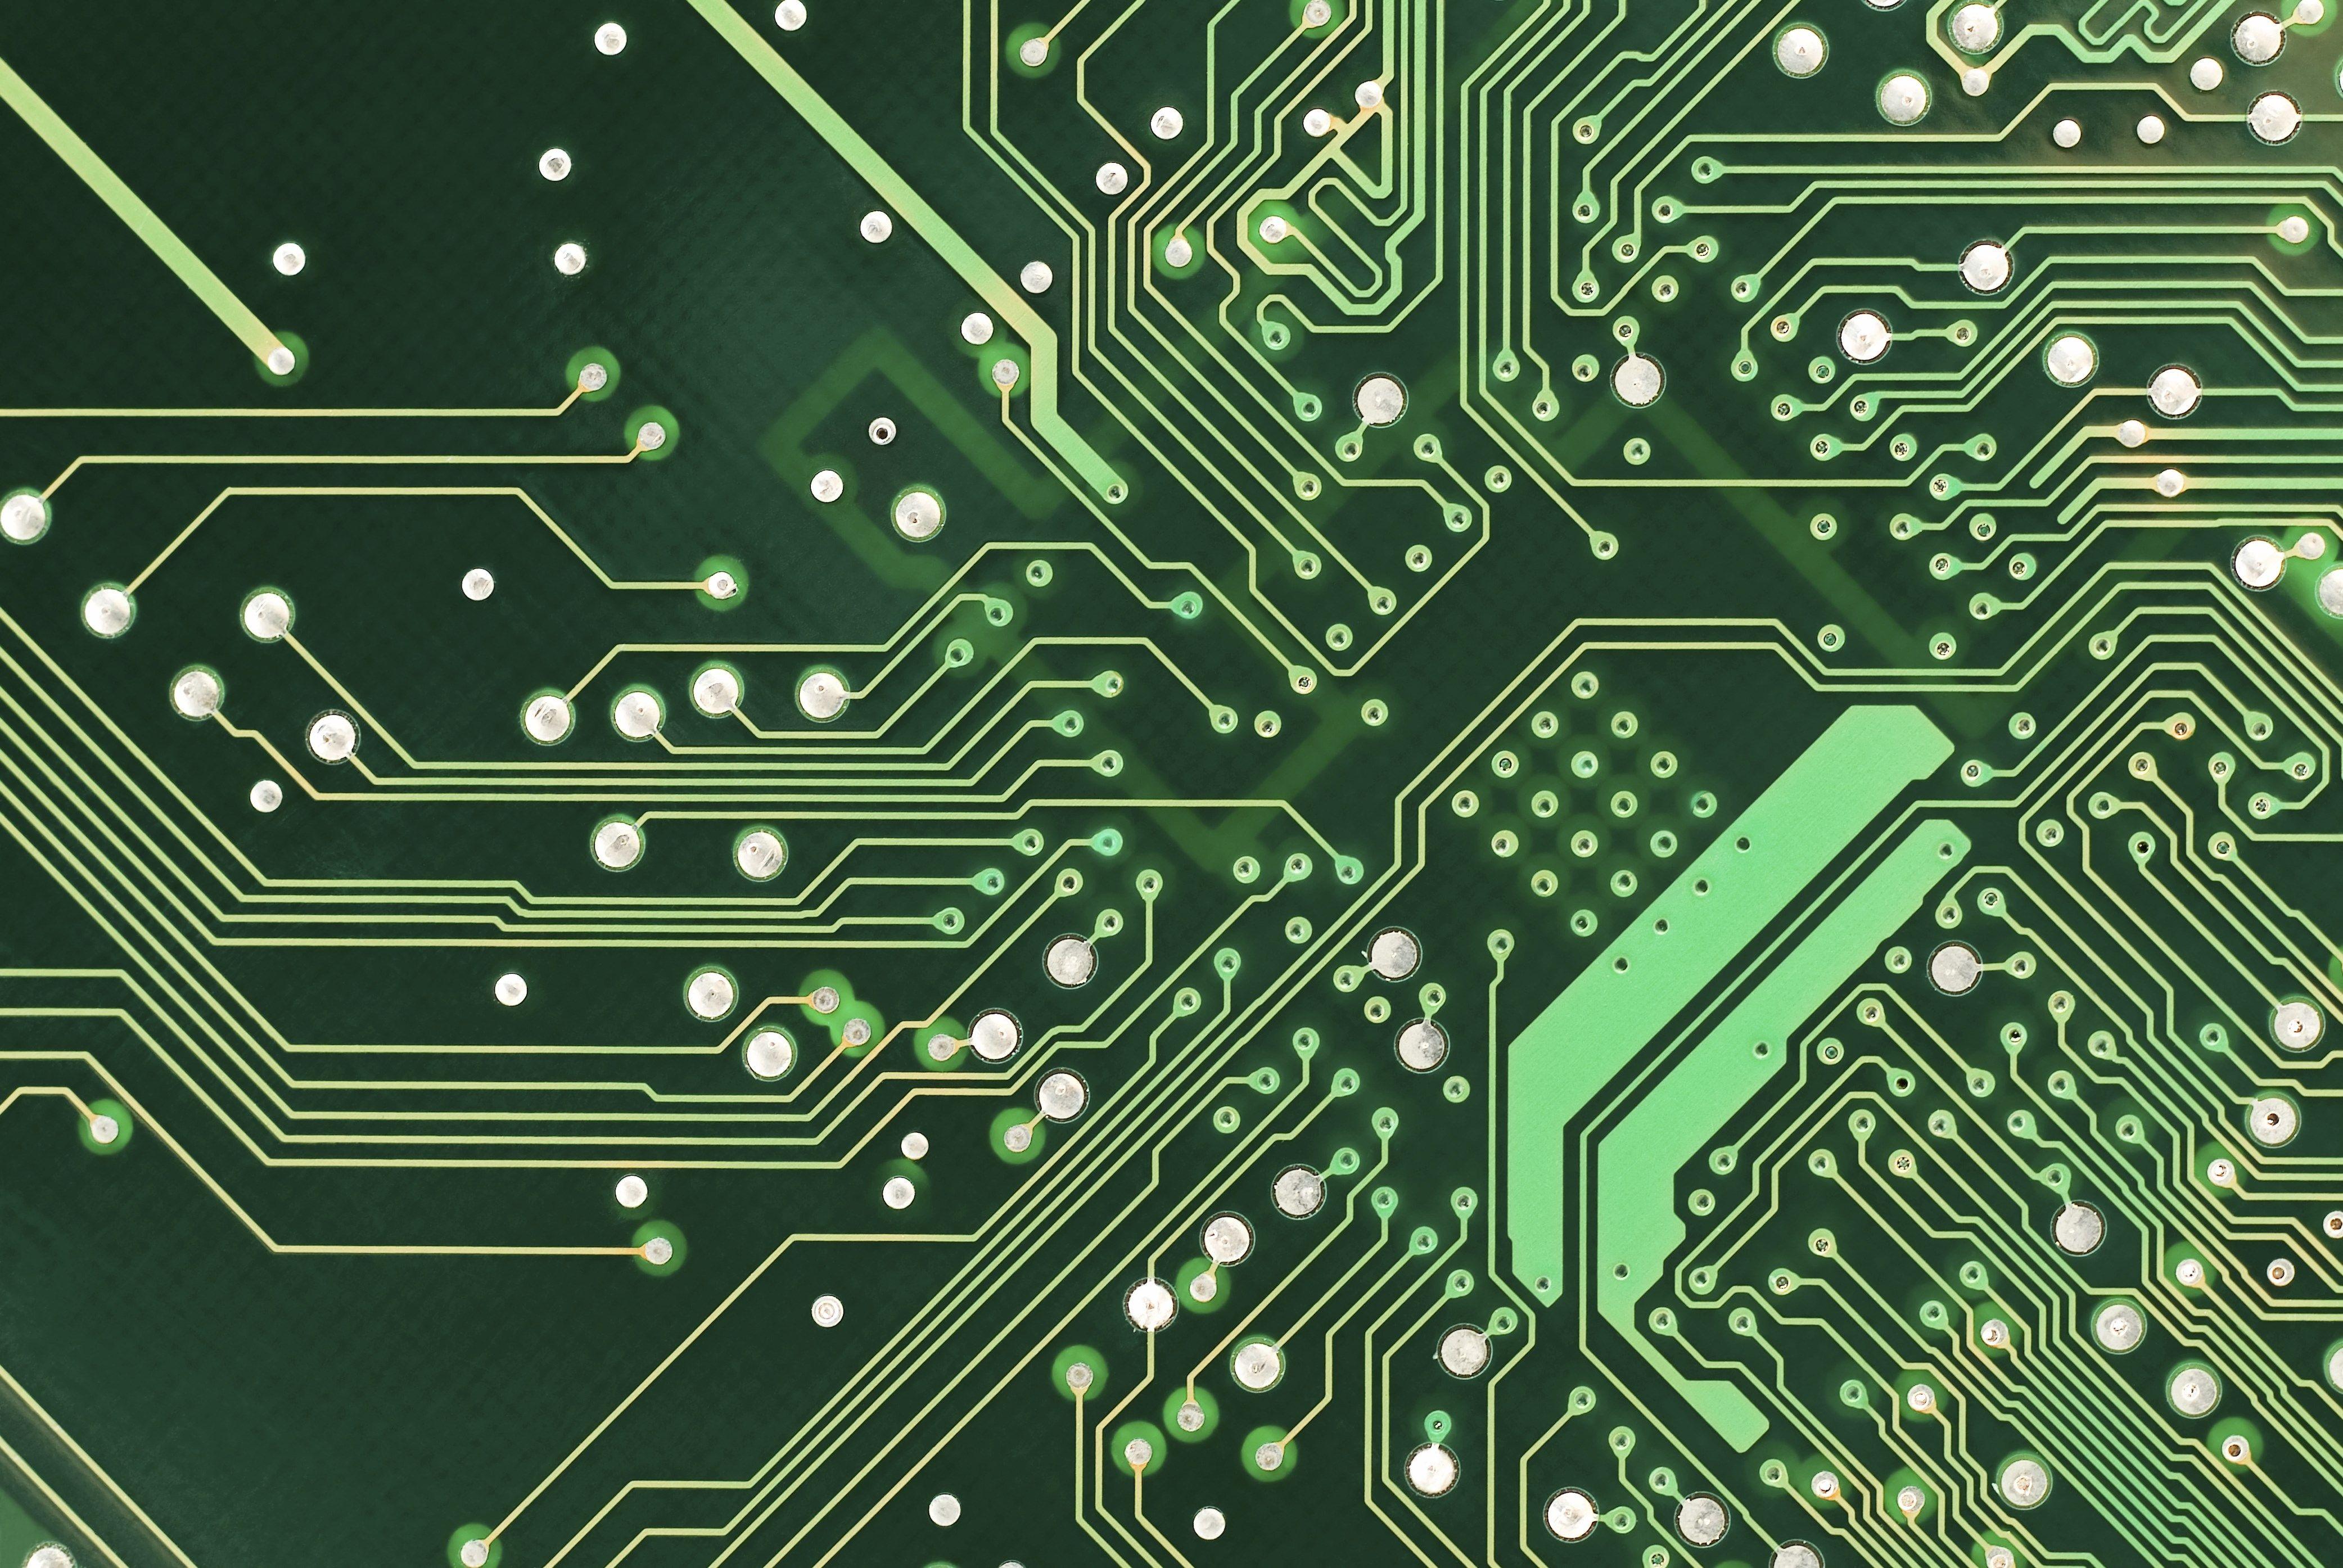 4k Wallpaper Circuit 4167x2789 Computer Engineering Diagram Desktop